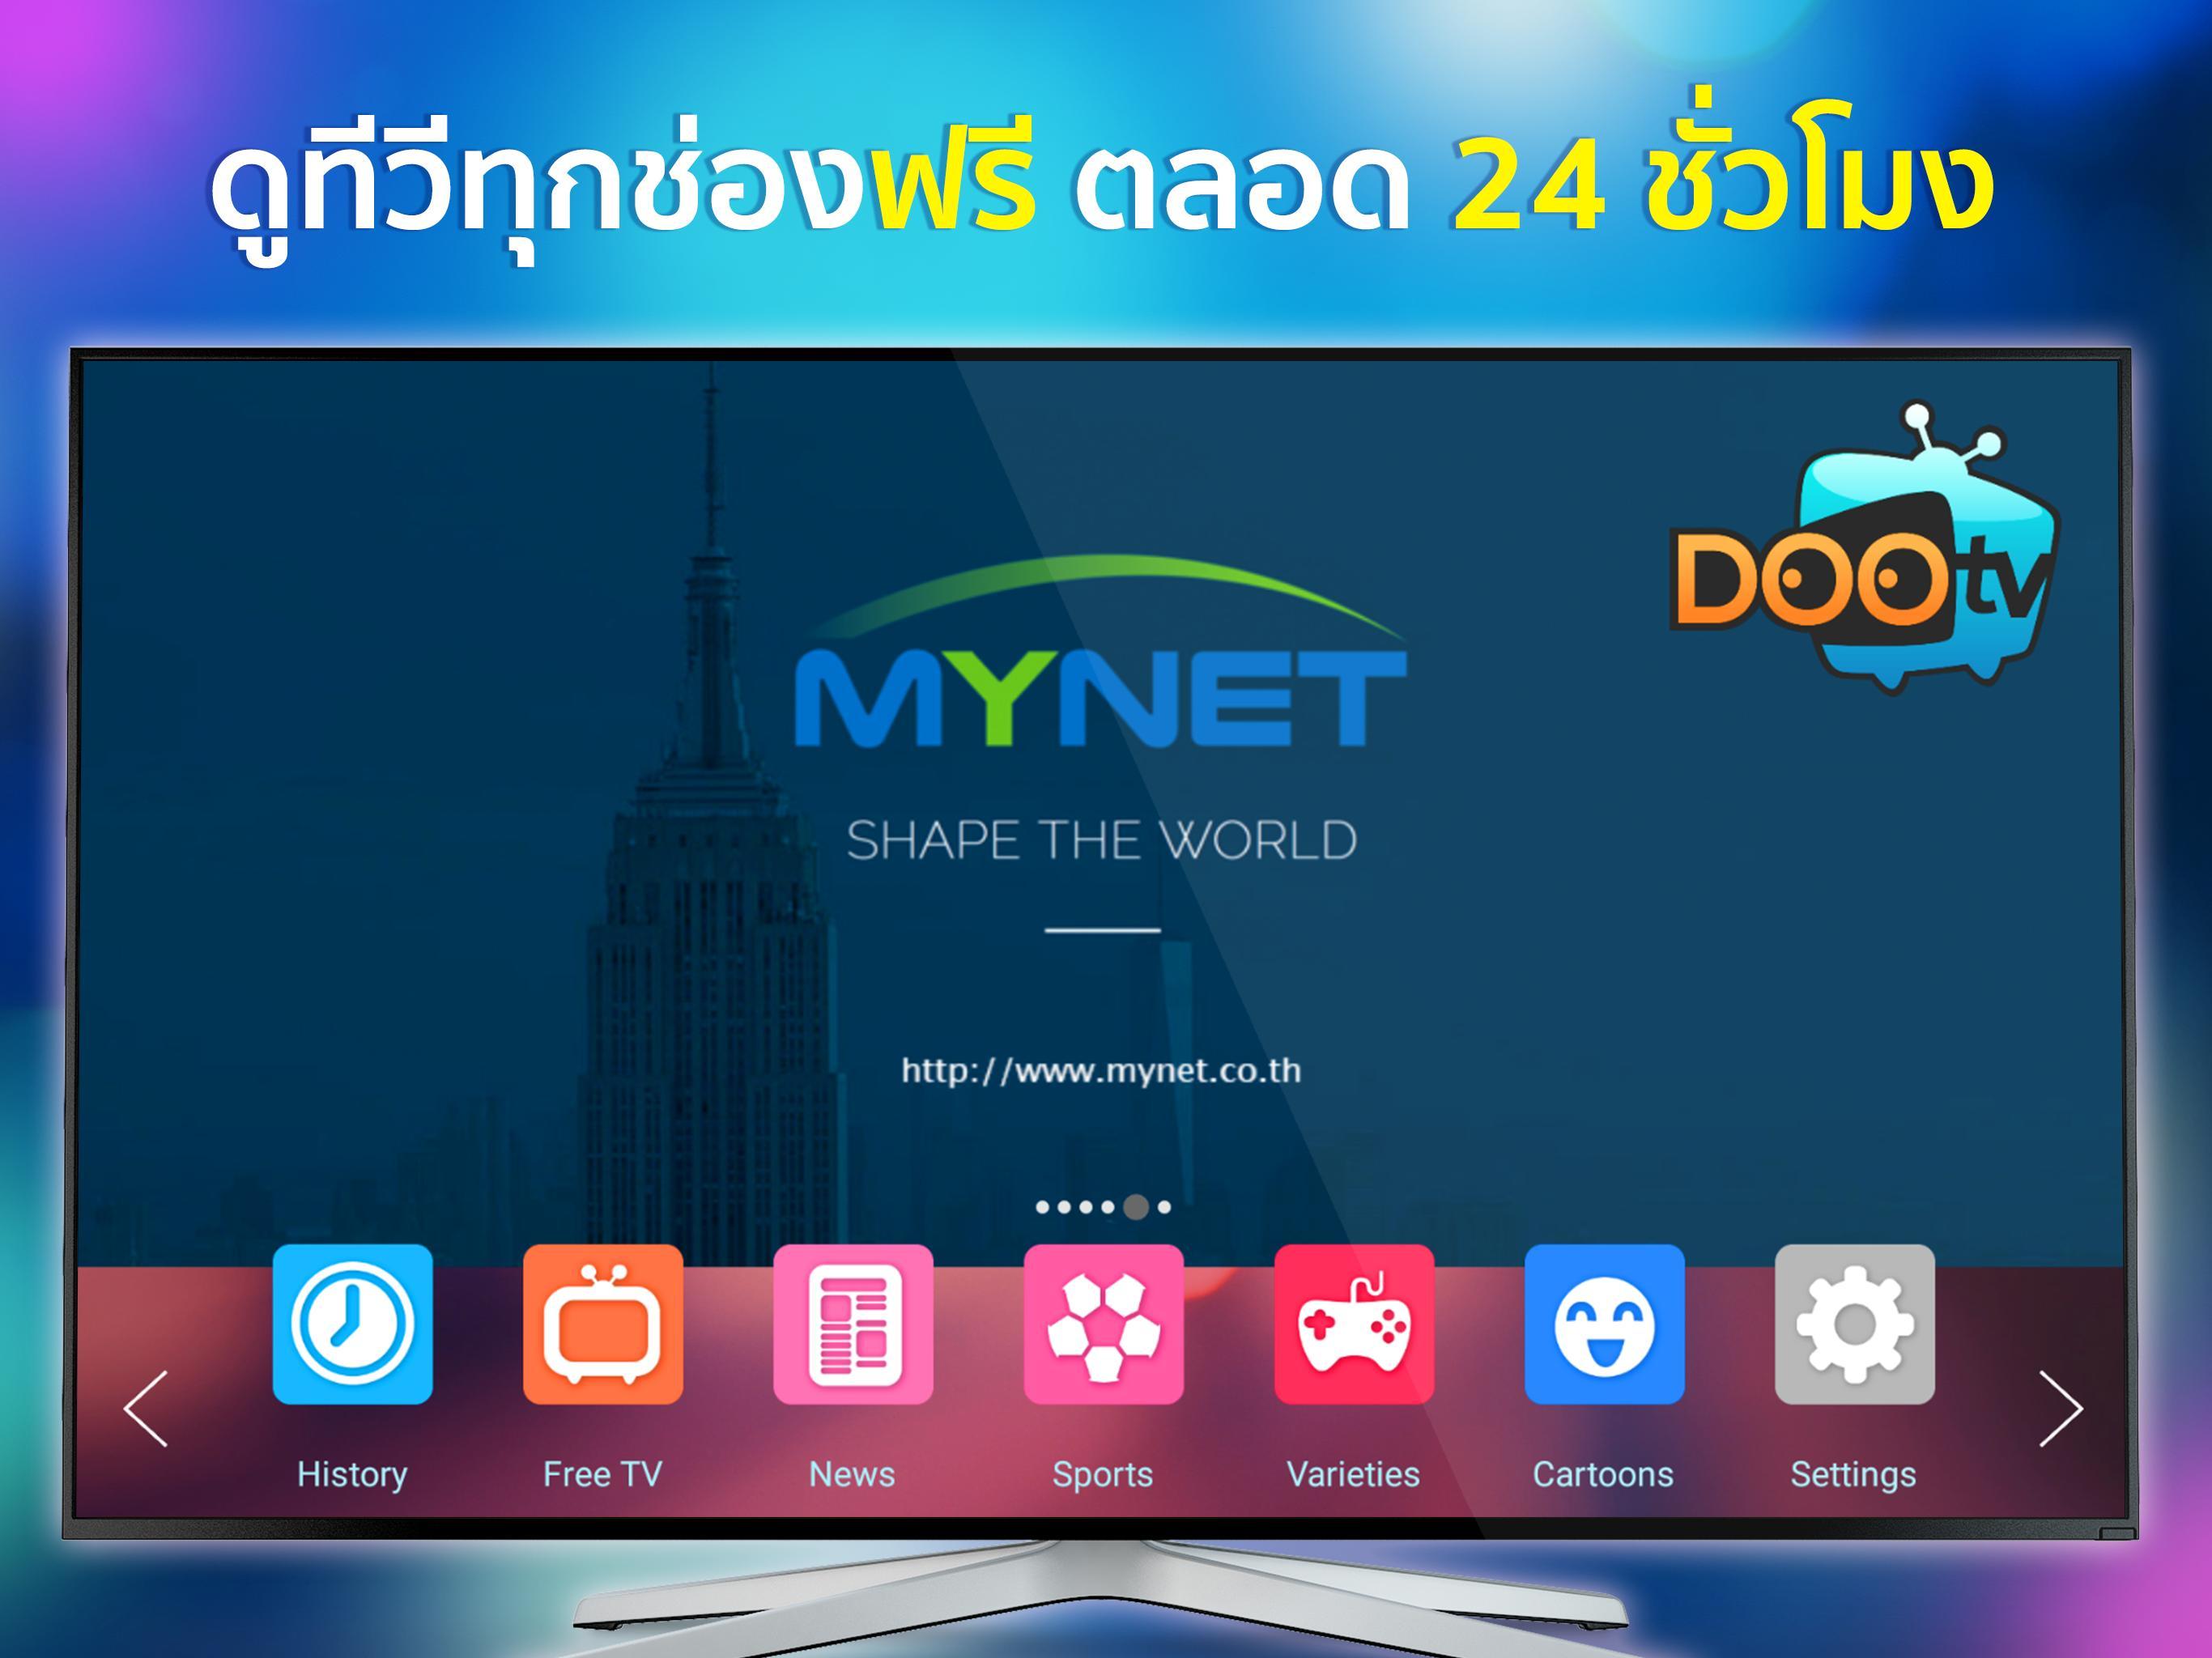 dootv thai online free